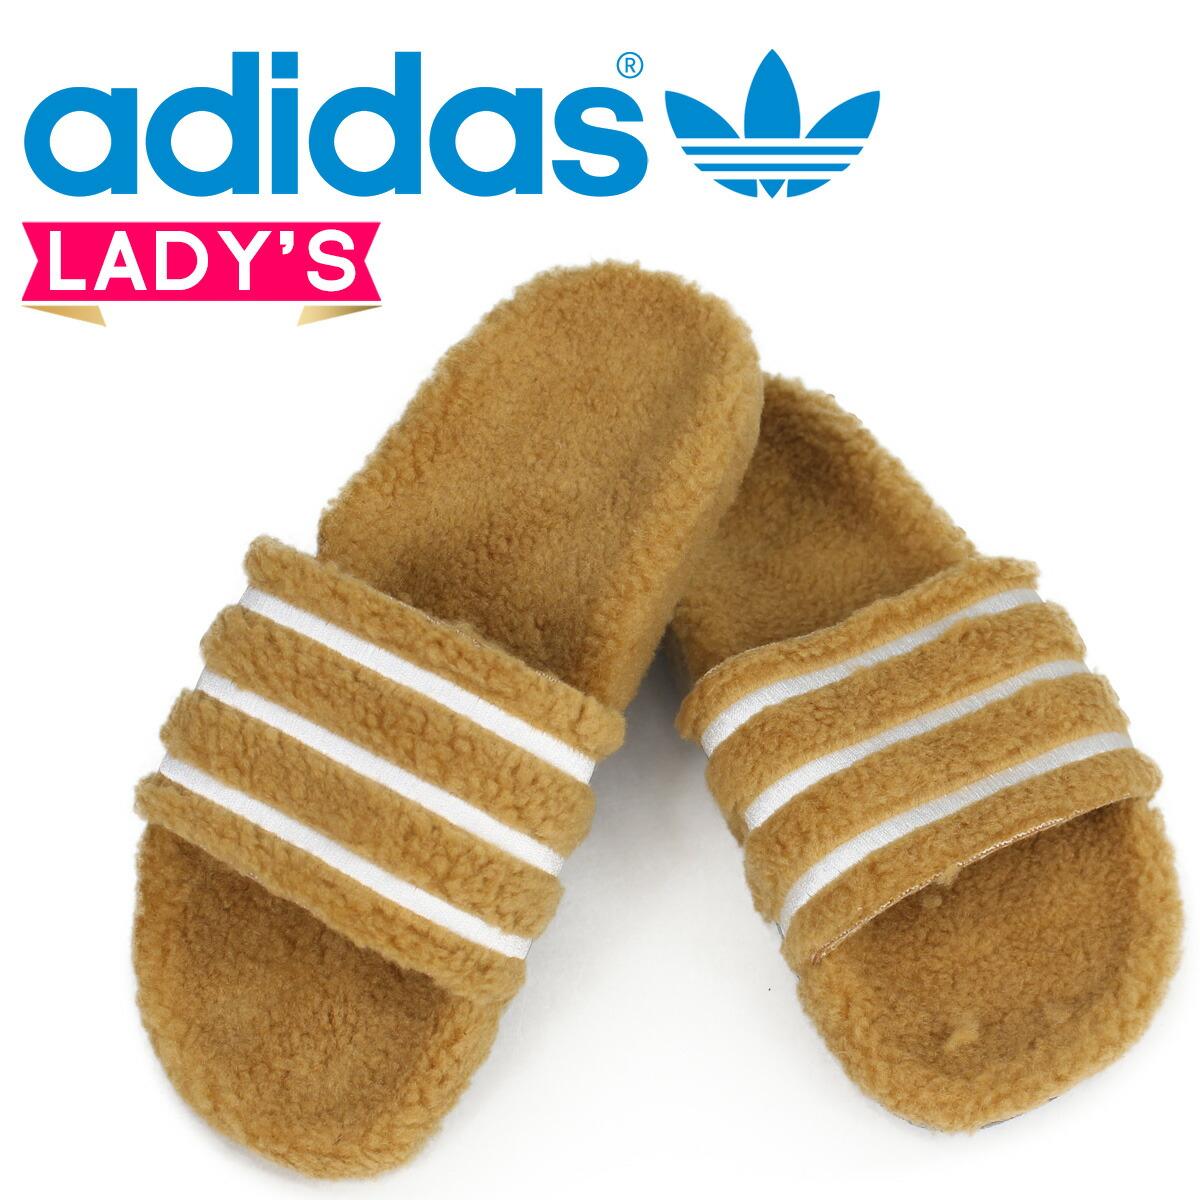 アディダス アディレッタ adidas Originals レディース サンダル シャワーサンダル ADILETTE W CQ2233 ブラウン オリジナルス [2/13 新入荷]